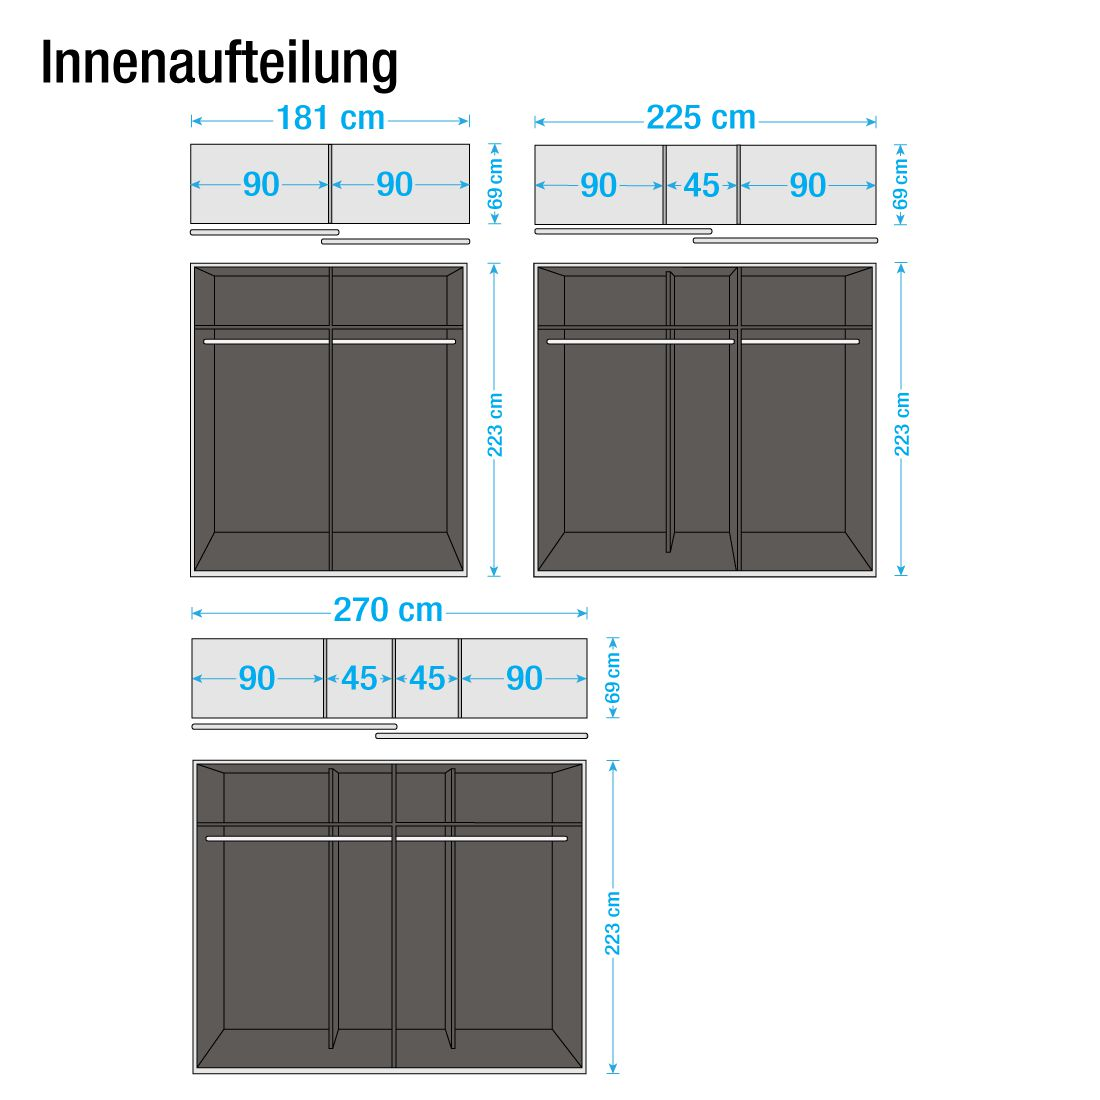 Schwebetürenschrank innenausstattung  Schwebetürenschrank Innenausstattung: Schwebet?renschrank ...